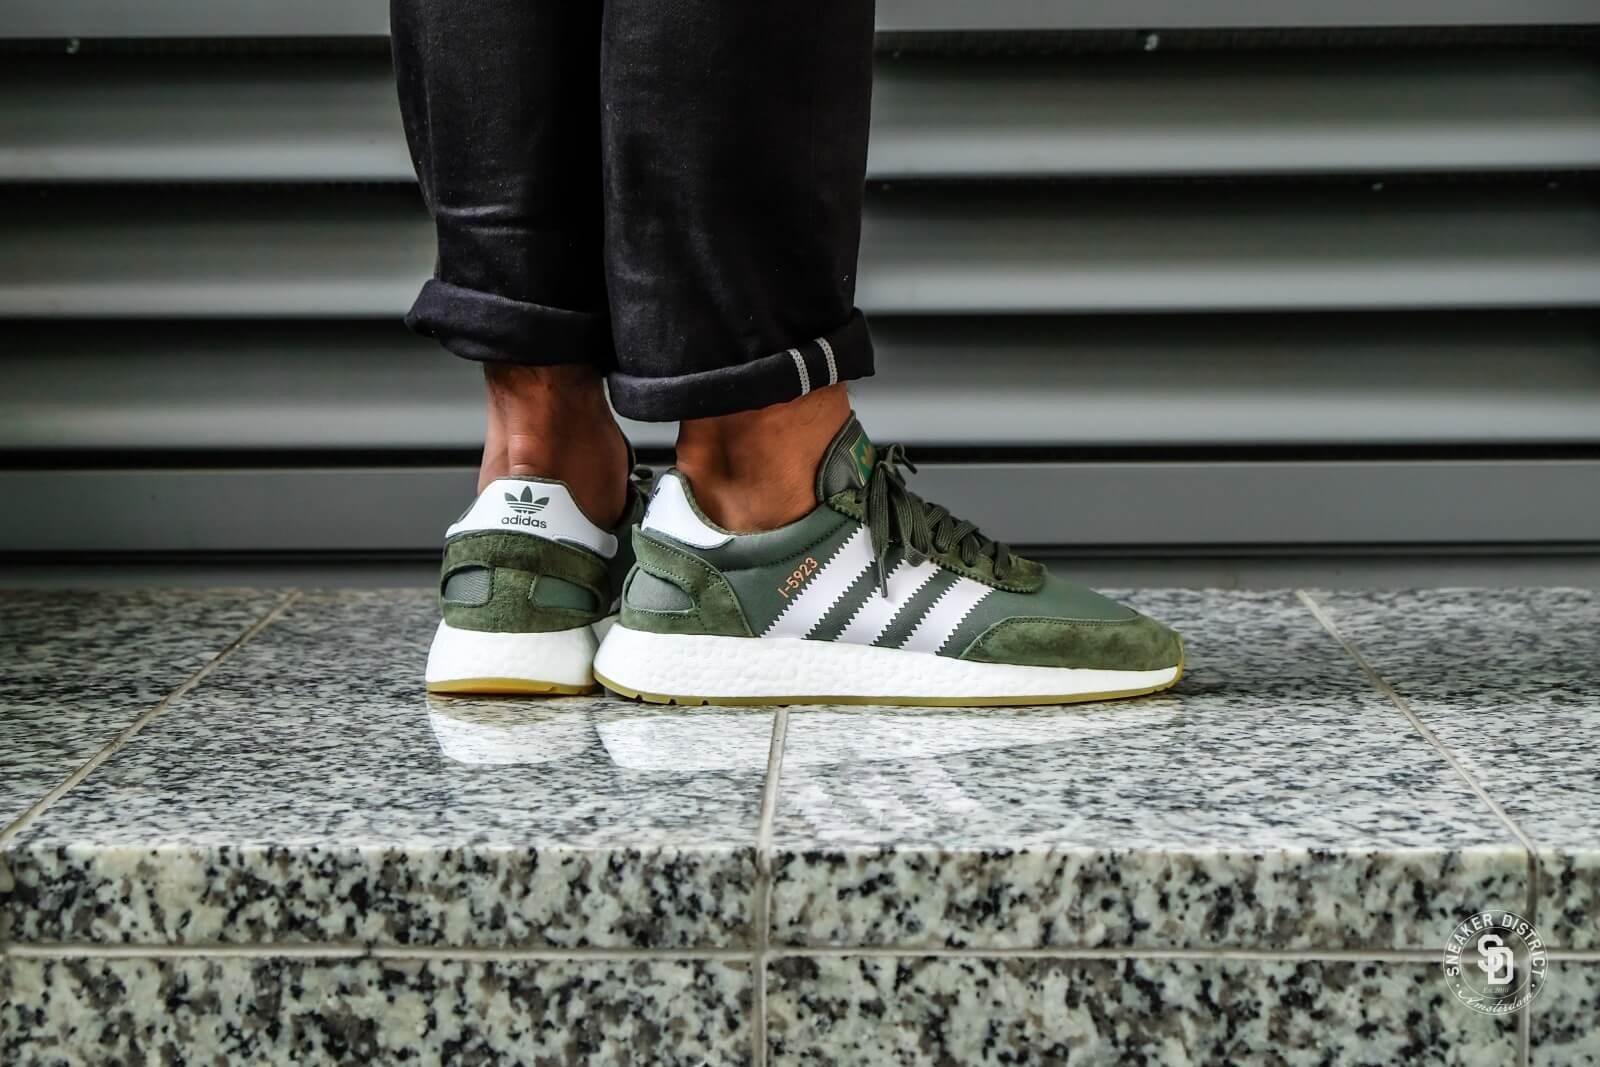 Adidas I-5923 Base Green/Footwear White-Gum